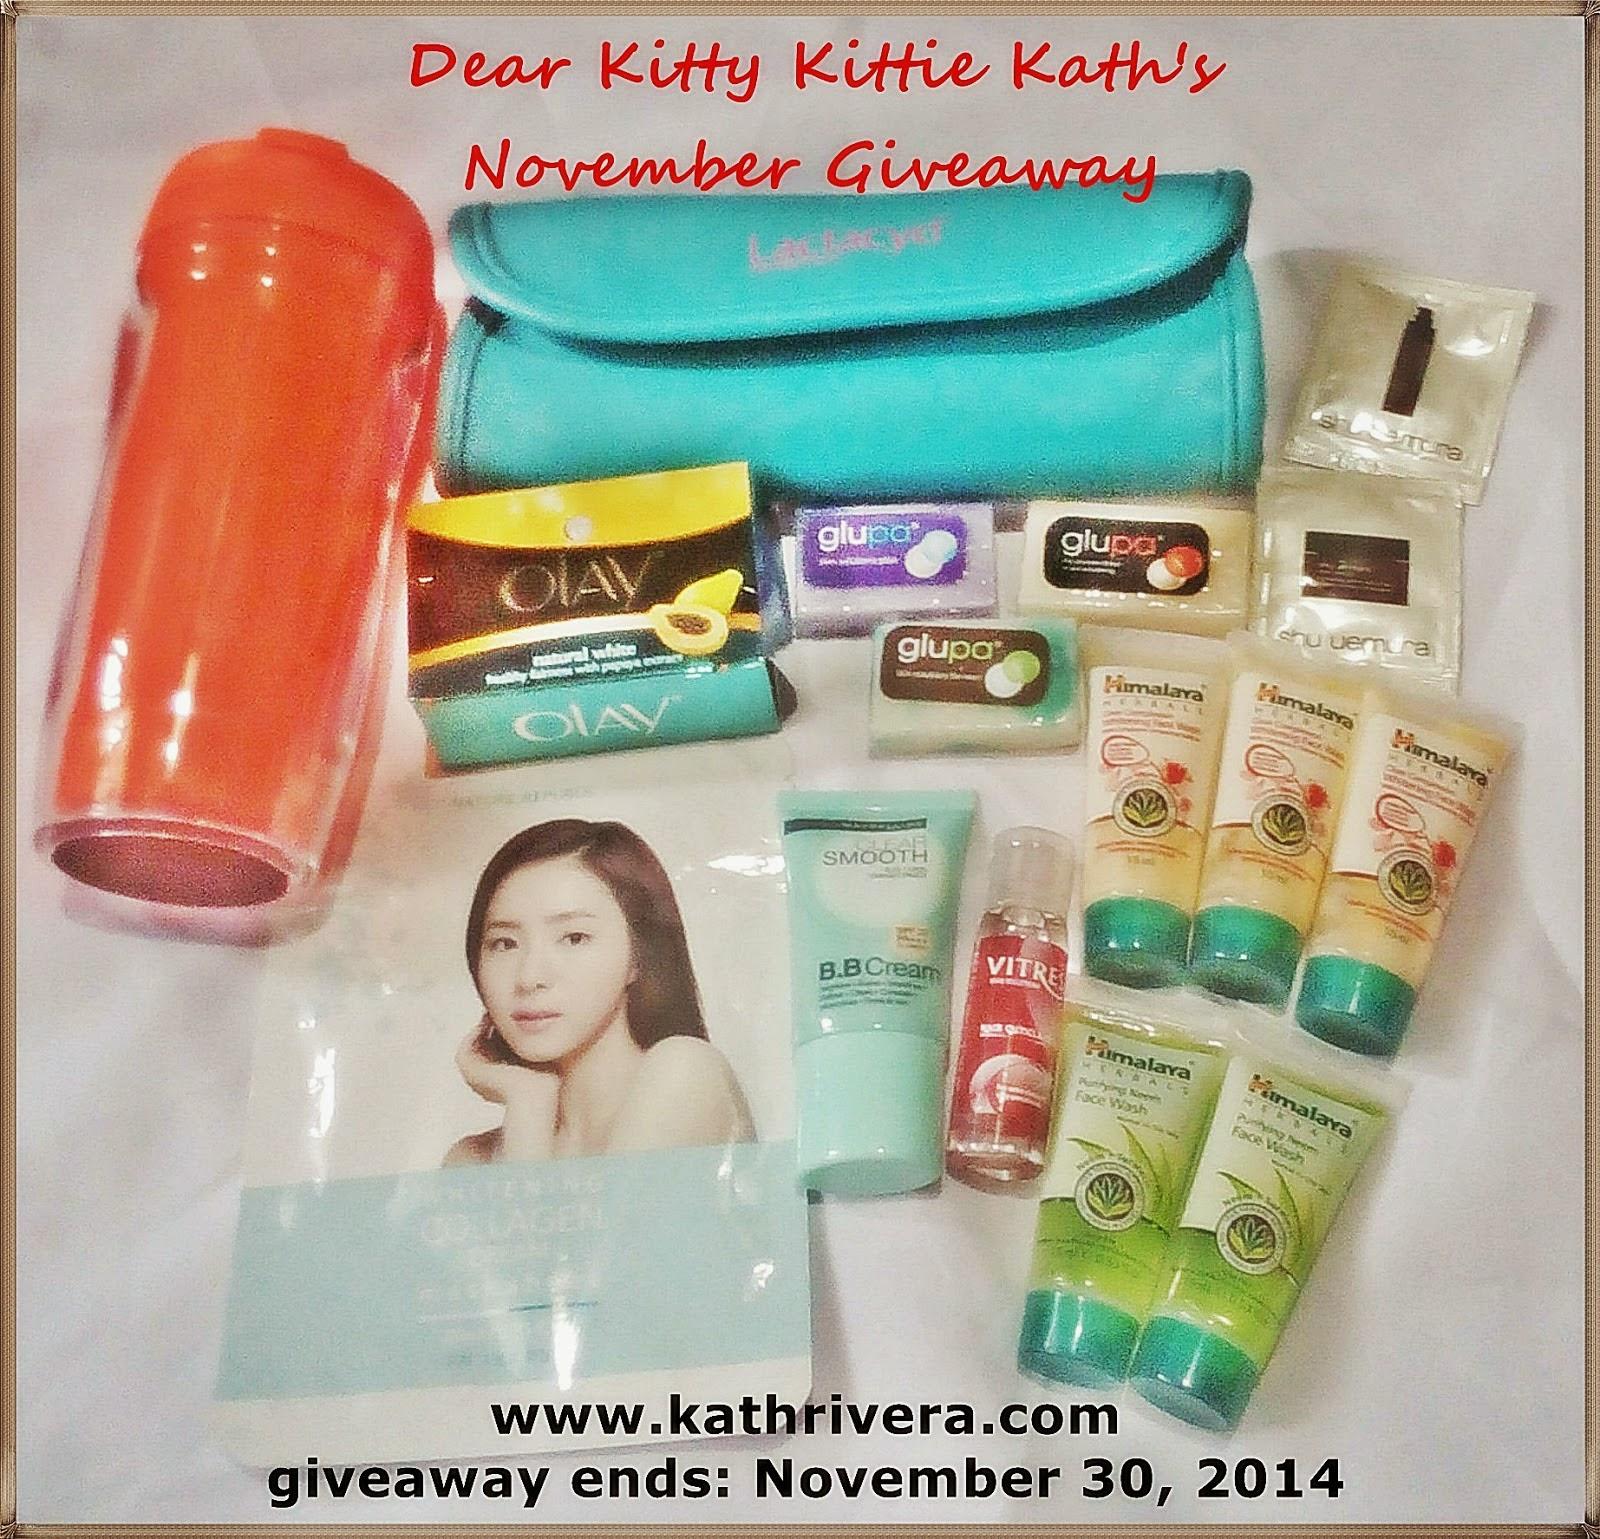 Dear Kitty Kittie Kath's November Giveaway